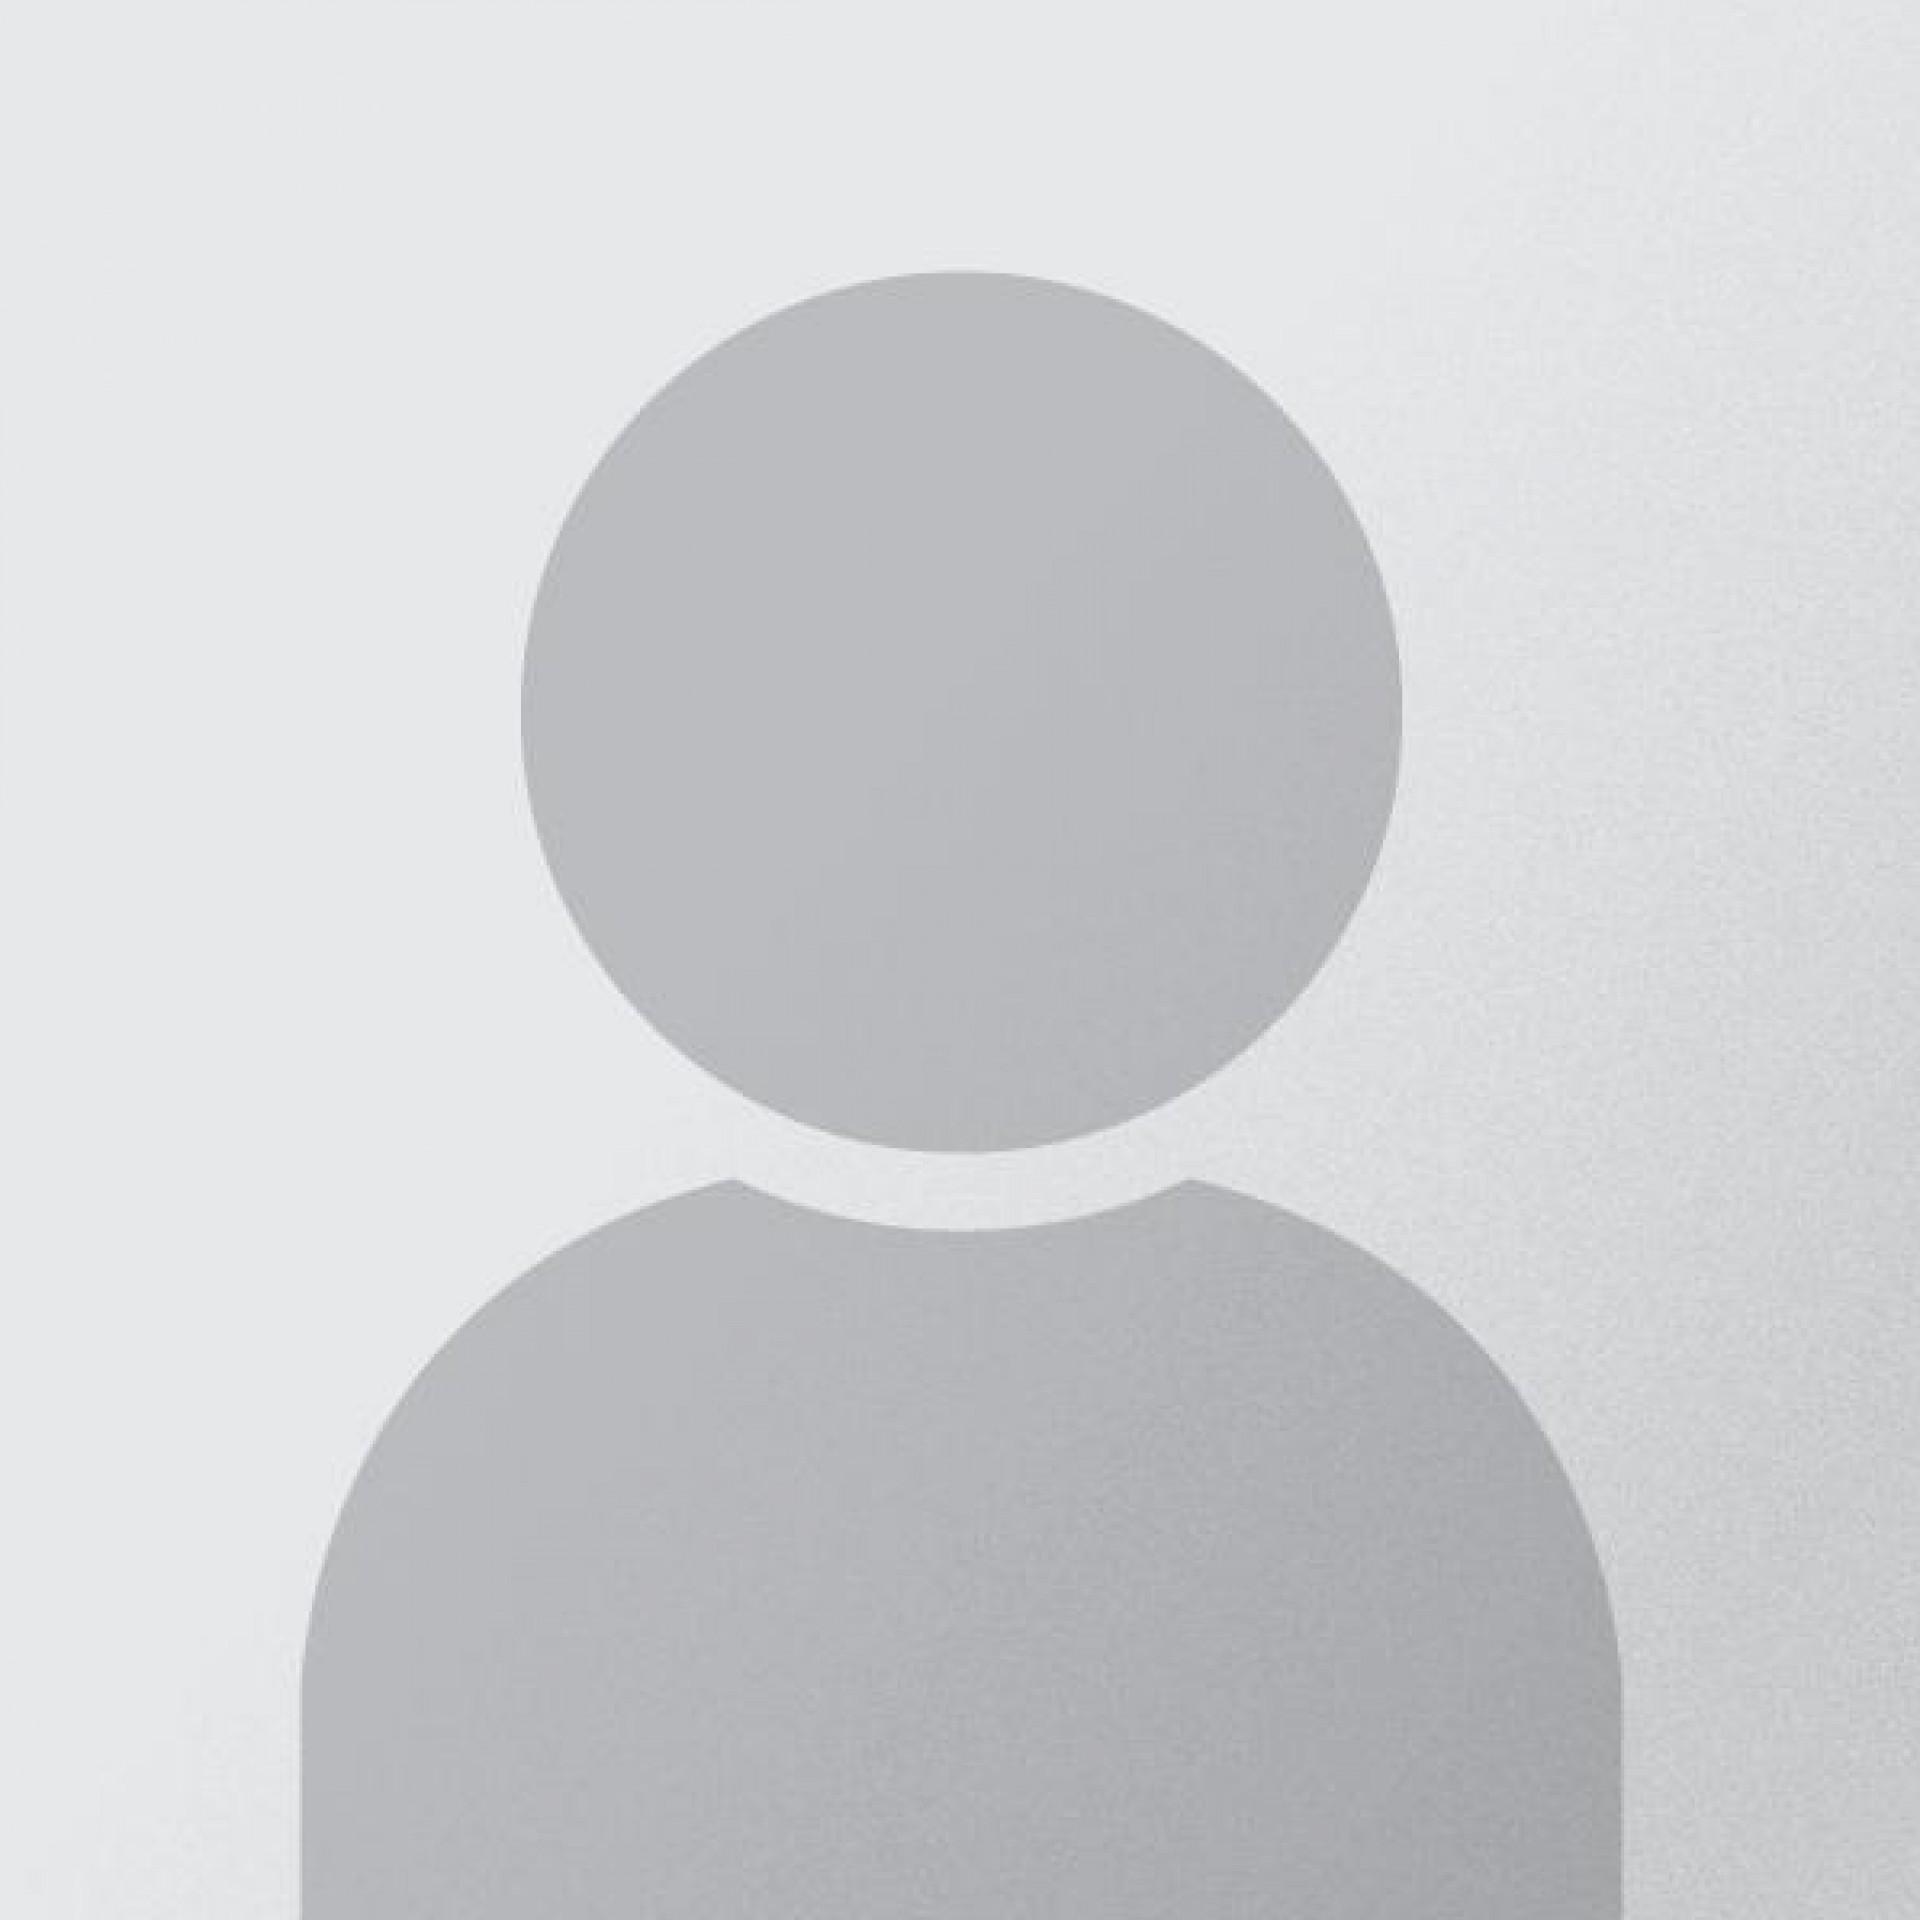 fotografia p021 profilu 01028MQ4BJ